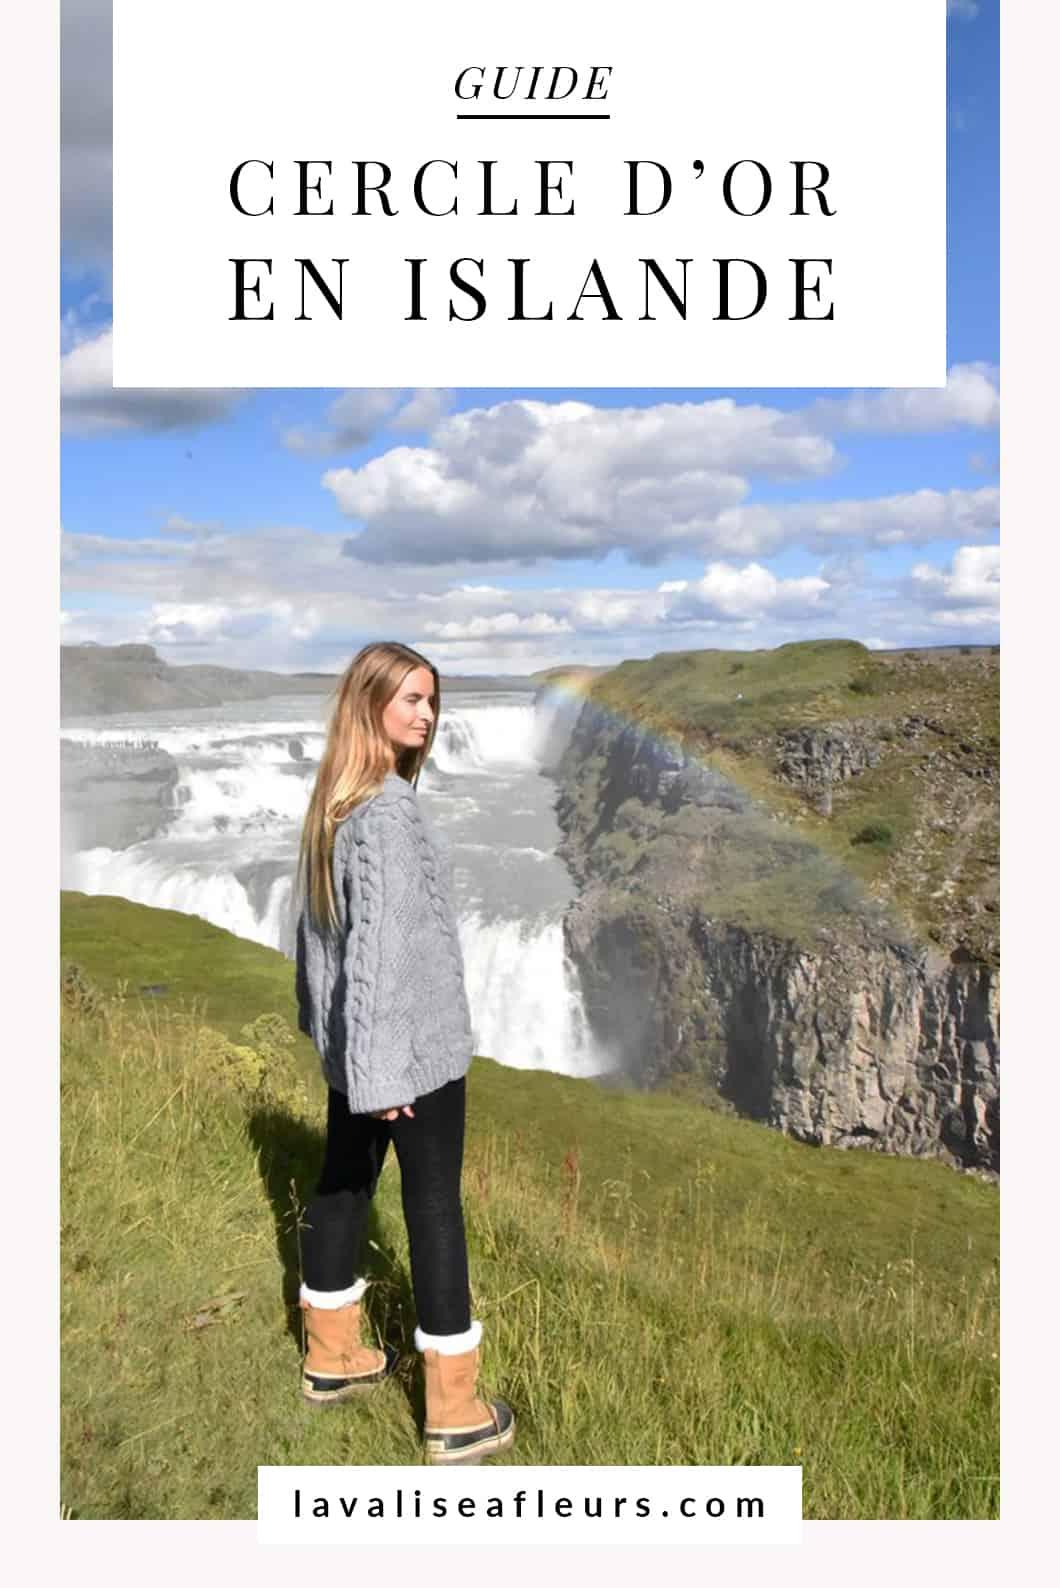 Guide du Cercle d'or en Islande, itinéraire